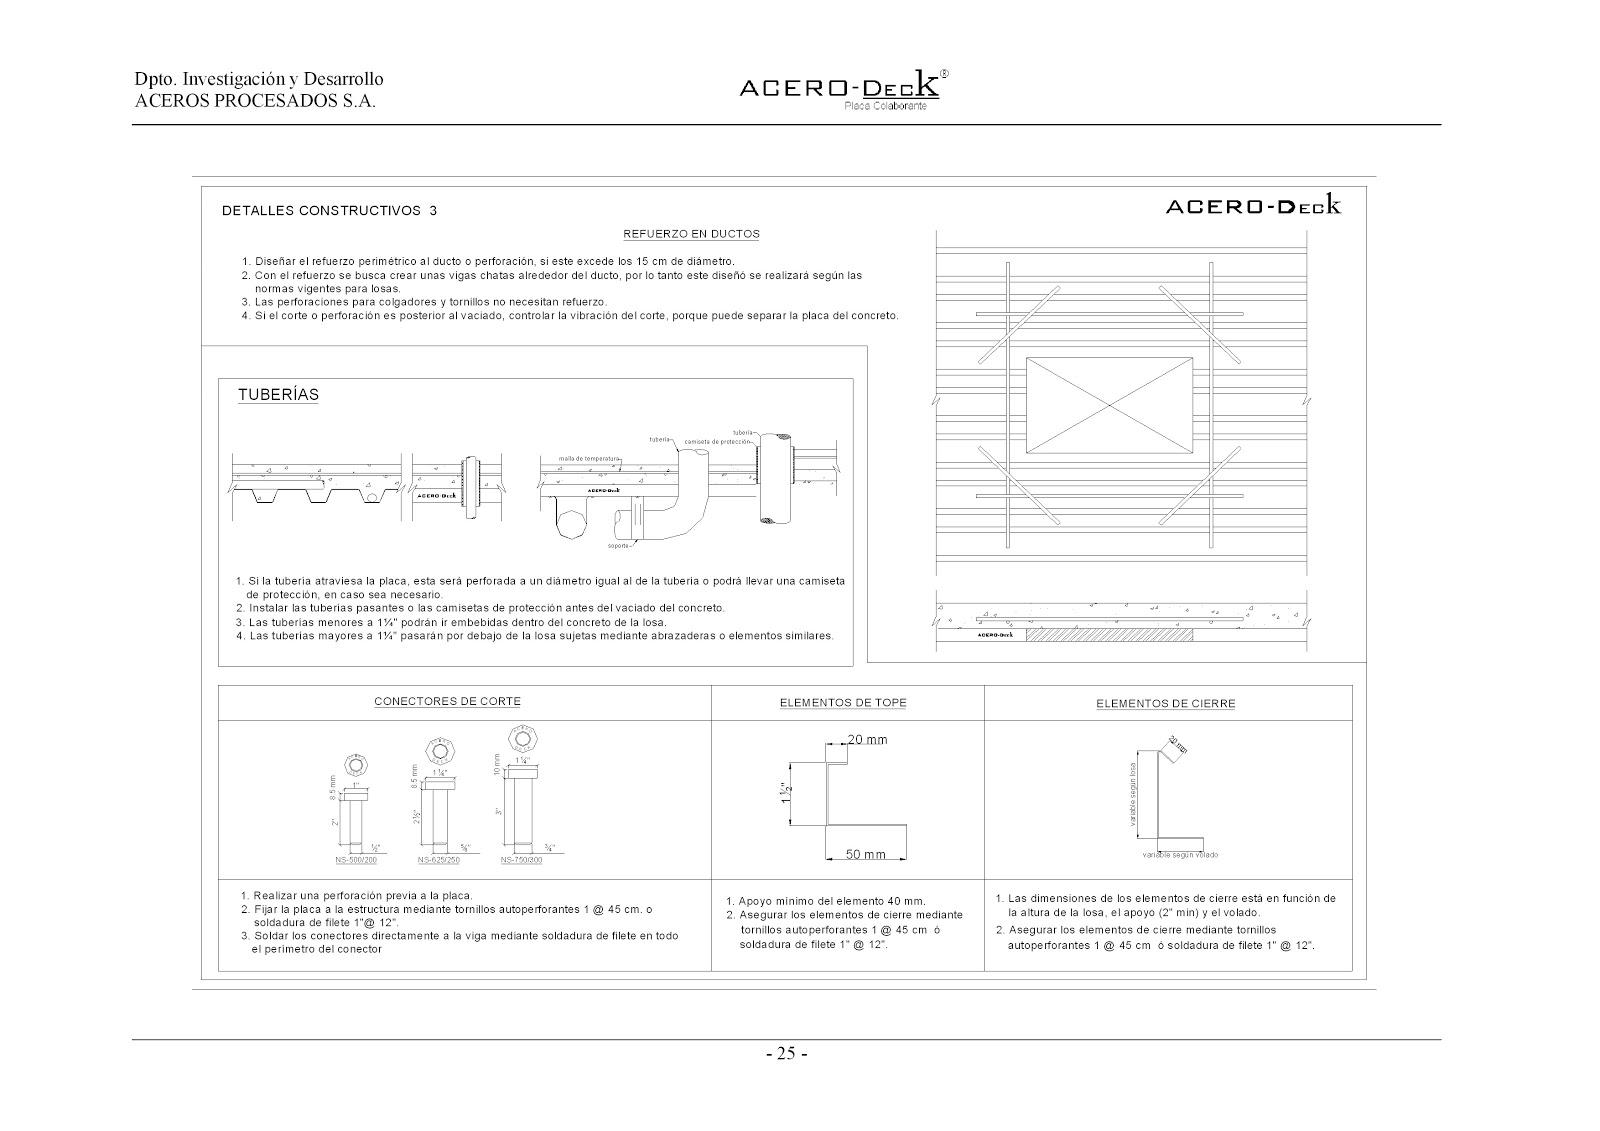 Estructuras Uno: Steel Deck- Sistema constructivo